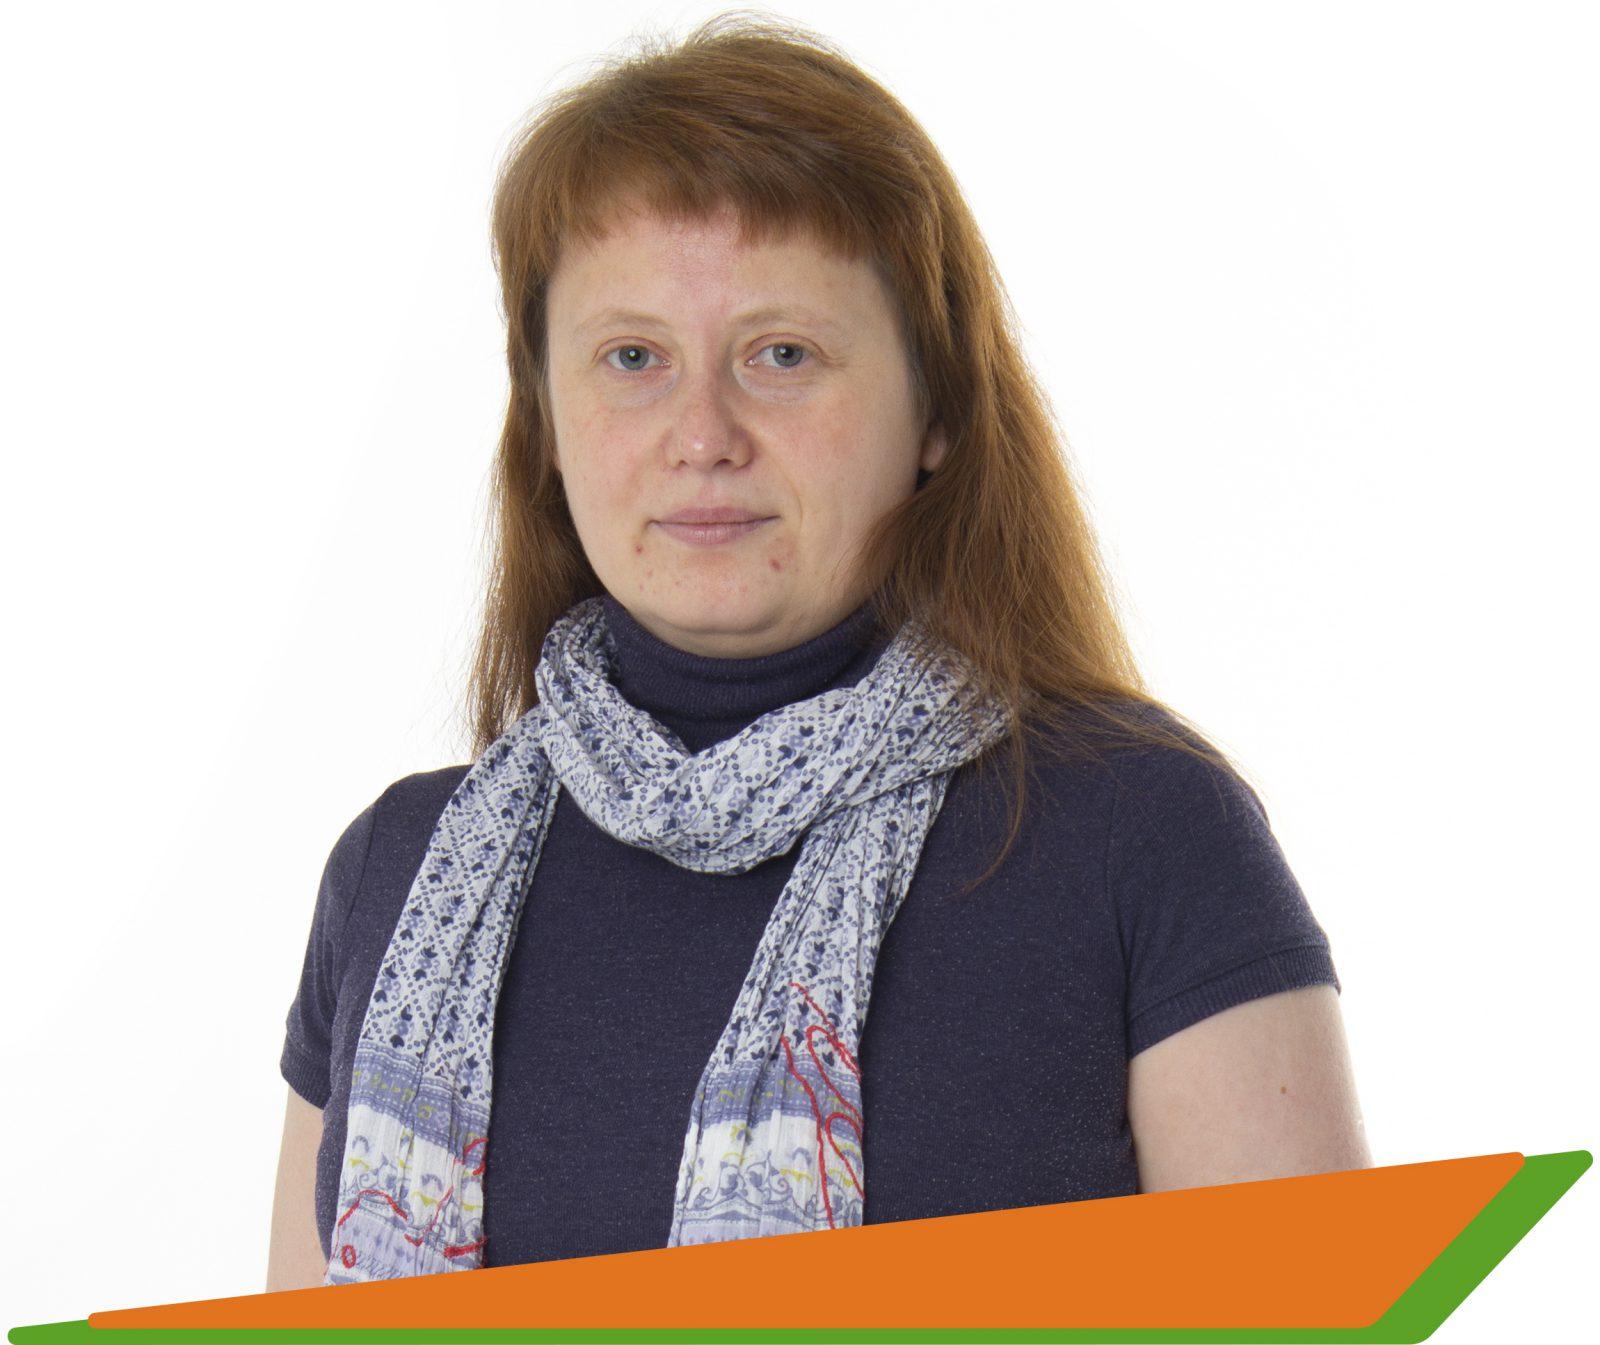 Шнайд Мария Евгеньевна - - преподаватель языка иврит и английского языка